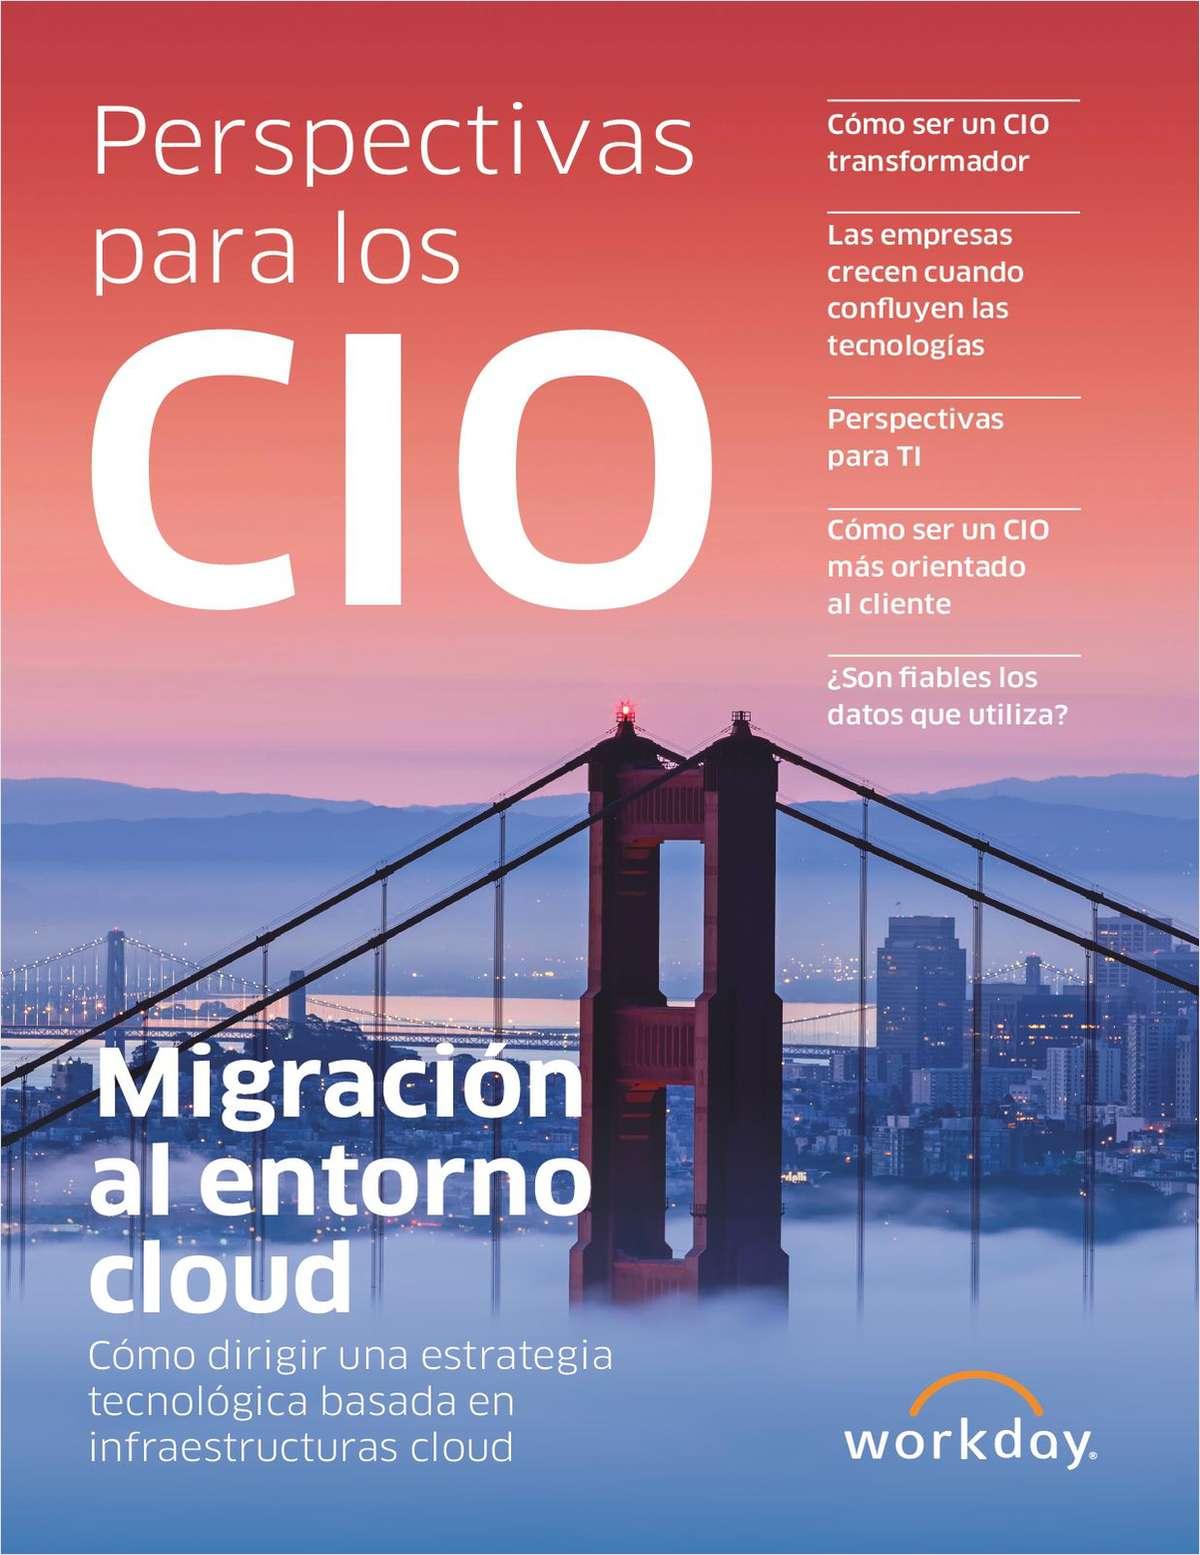 Revista Perspectivas para los CIO